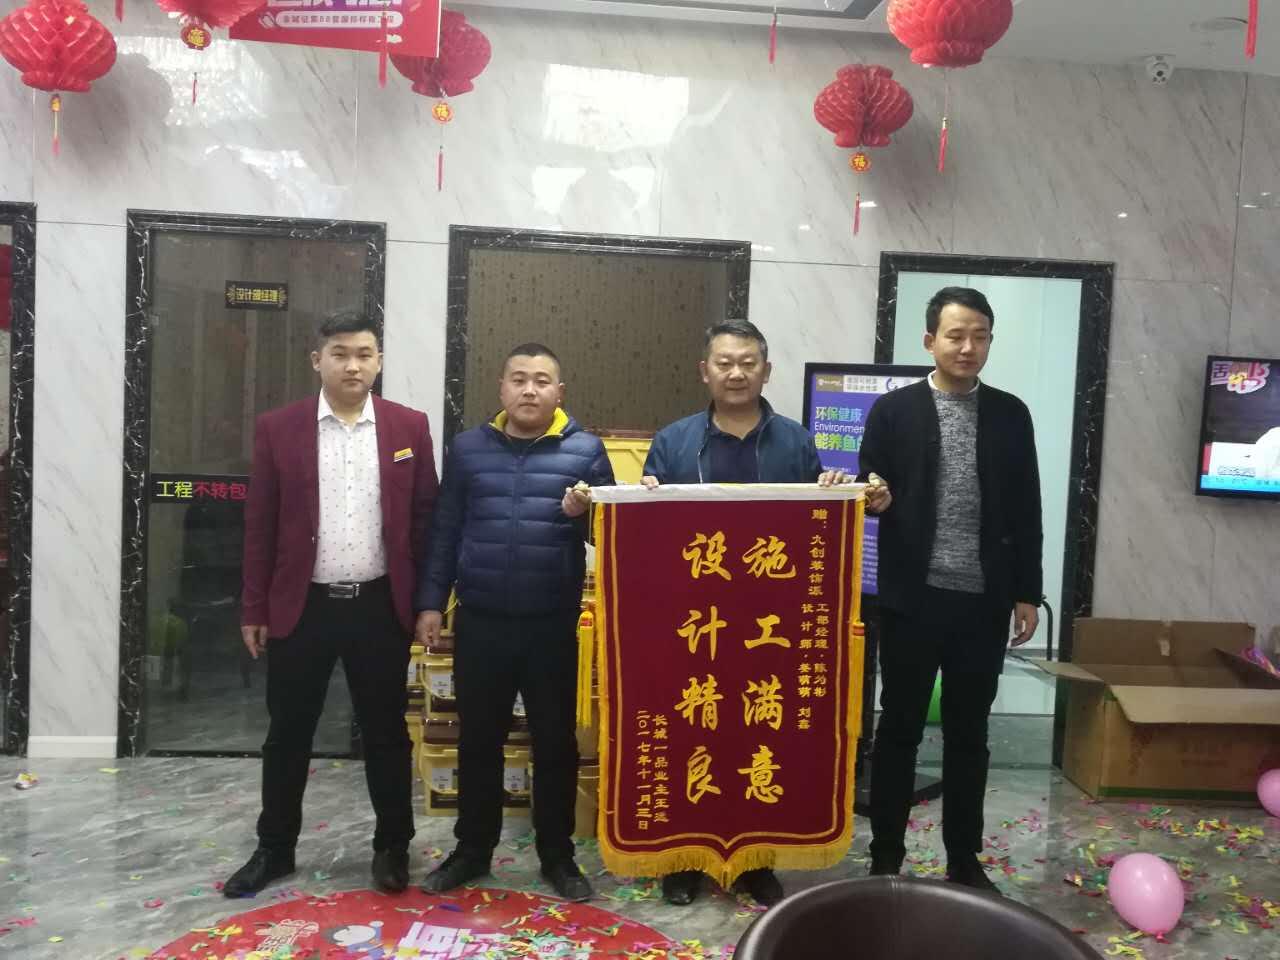 感谢长城一品王老师为泰安九创装饰送来锦旗!